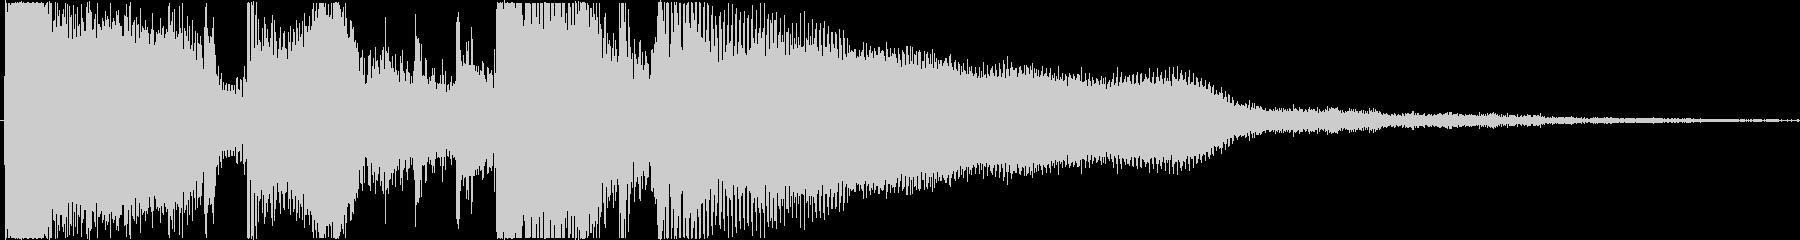 スムースジャズ、アコースティックポ...の未再生の波形